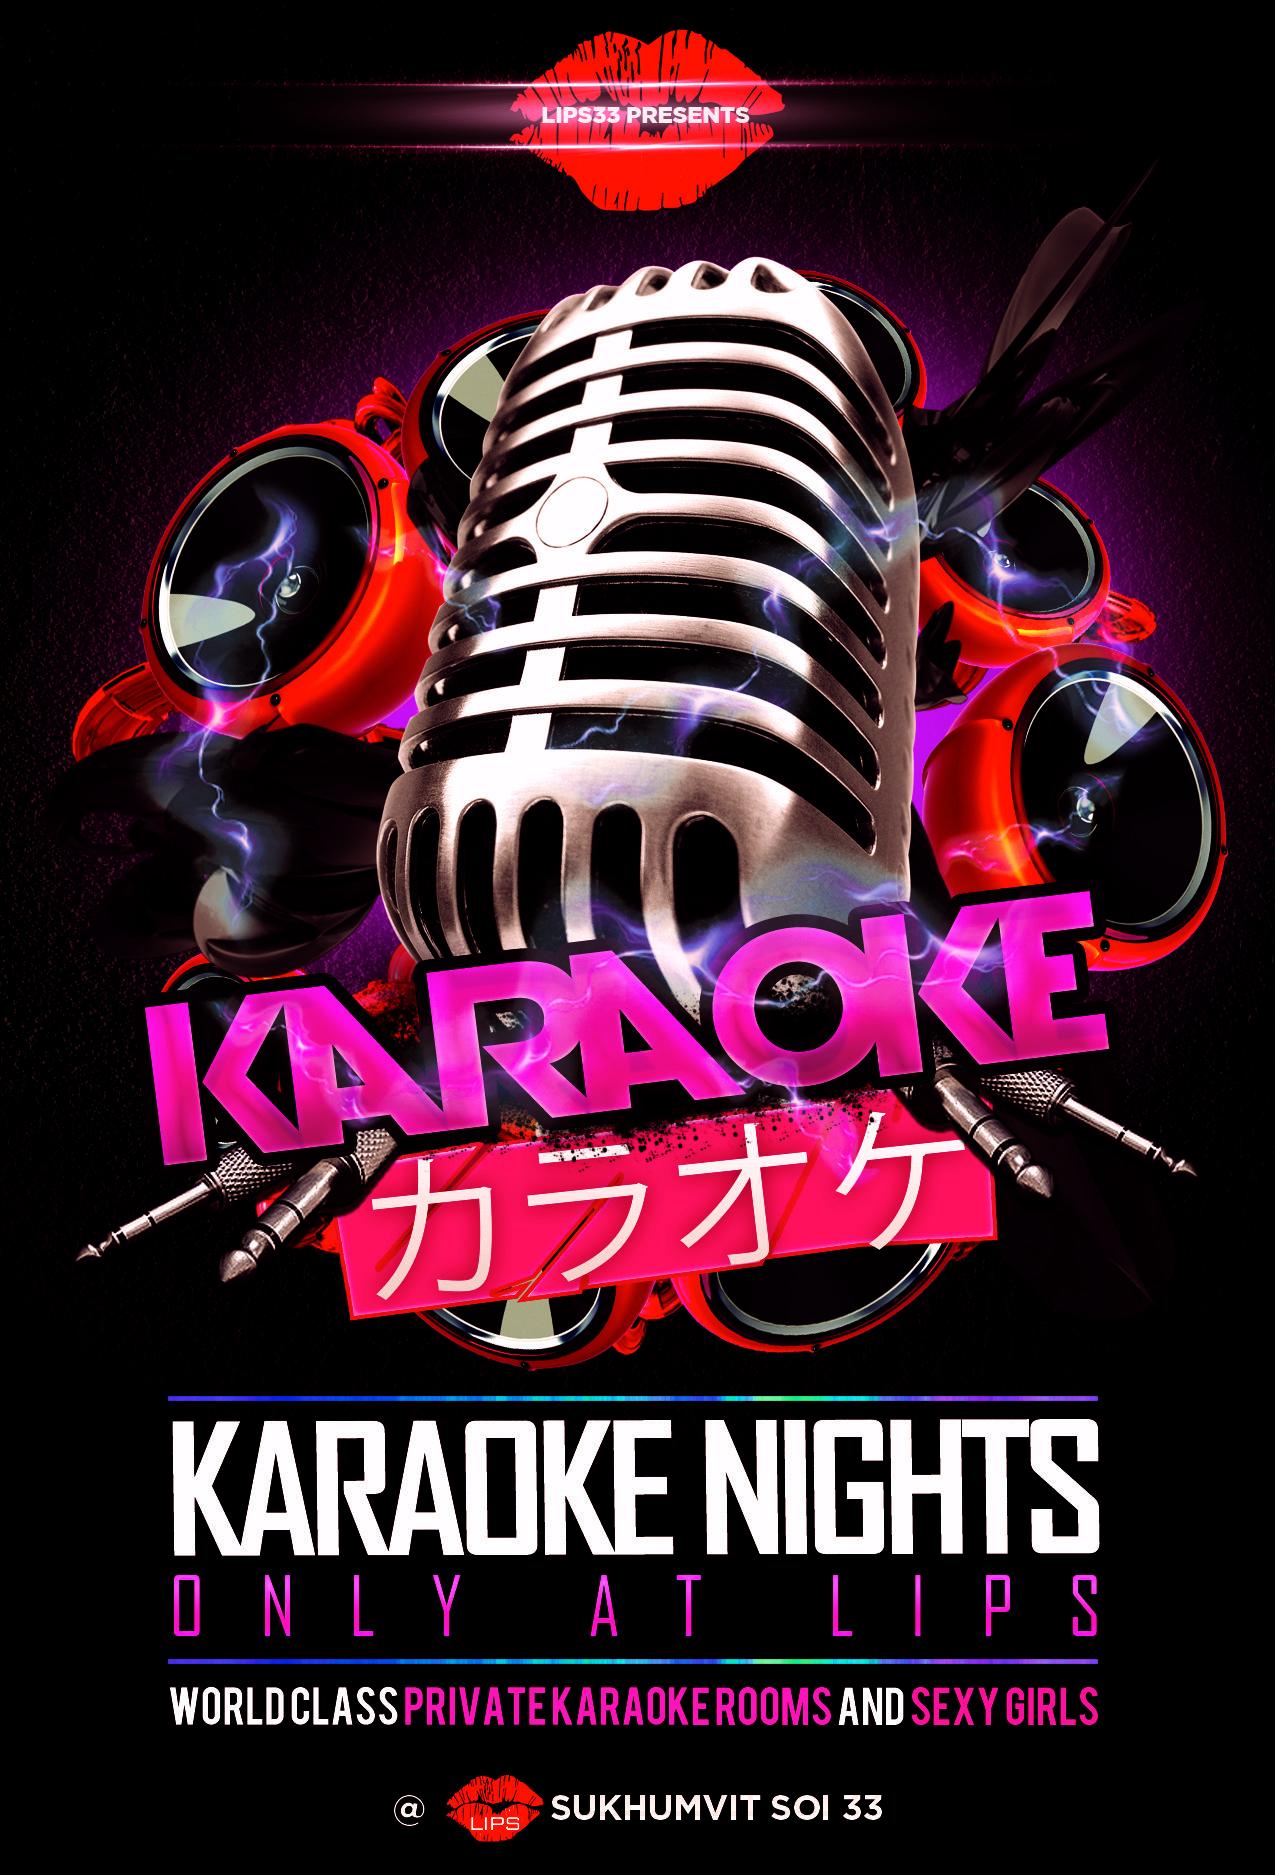 15+ Karaoke flyers info